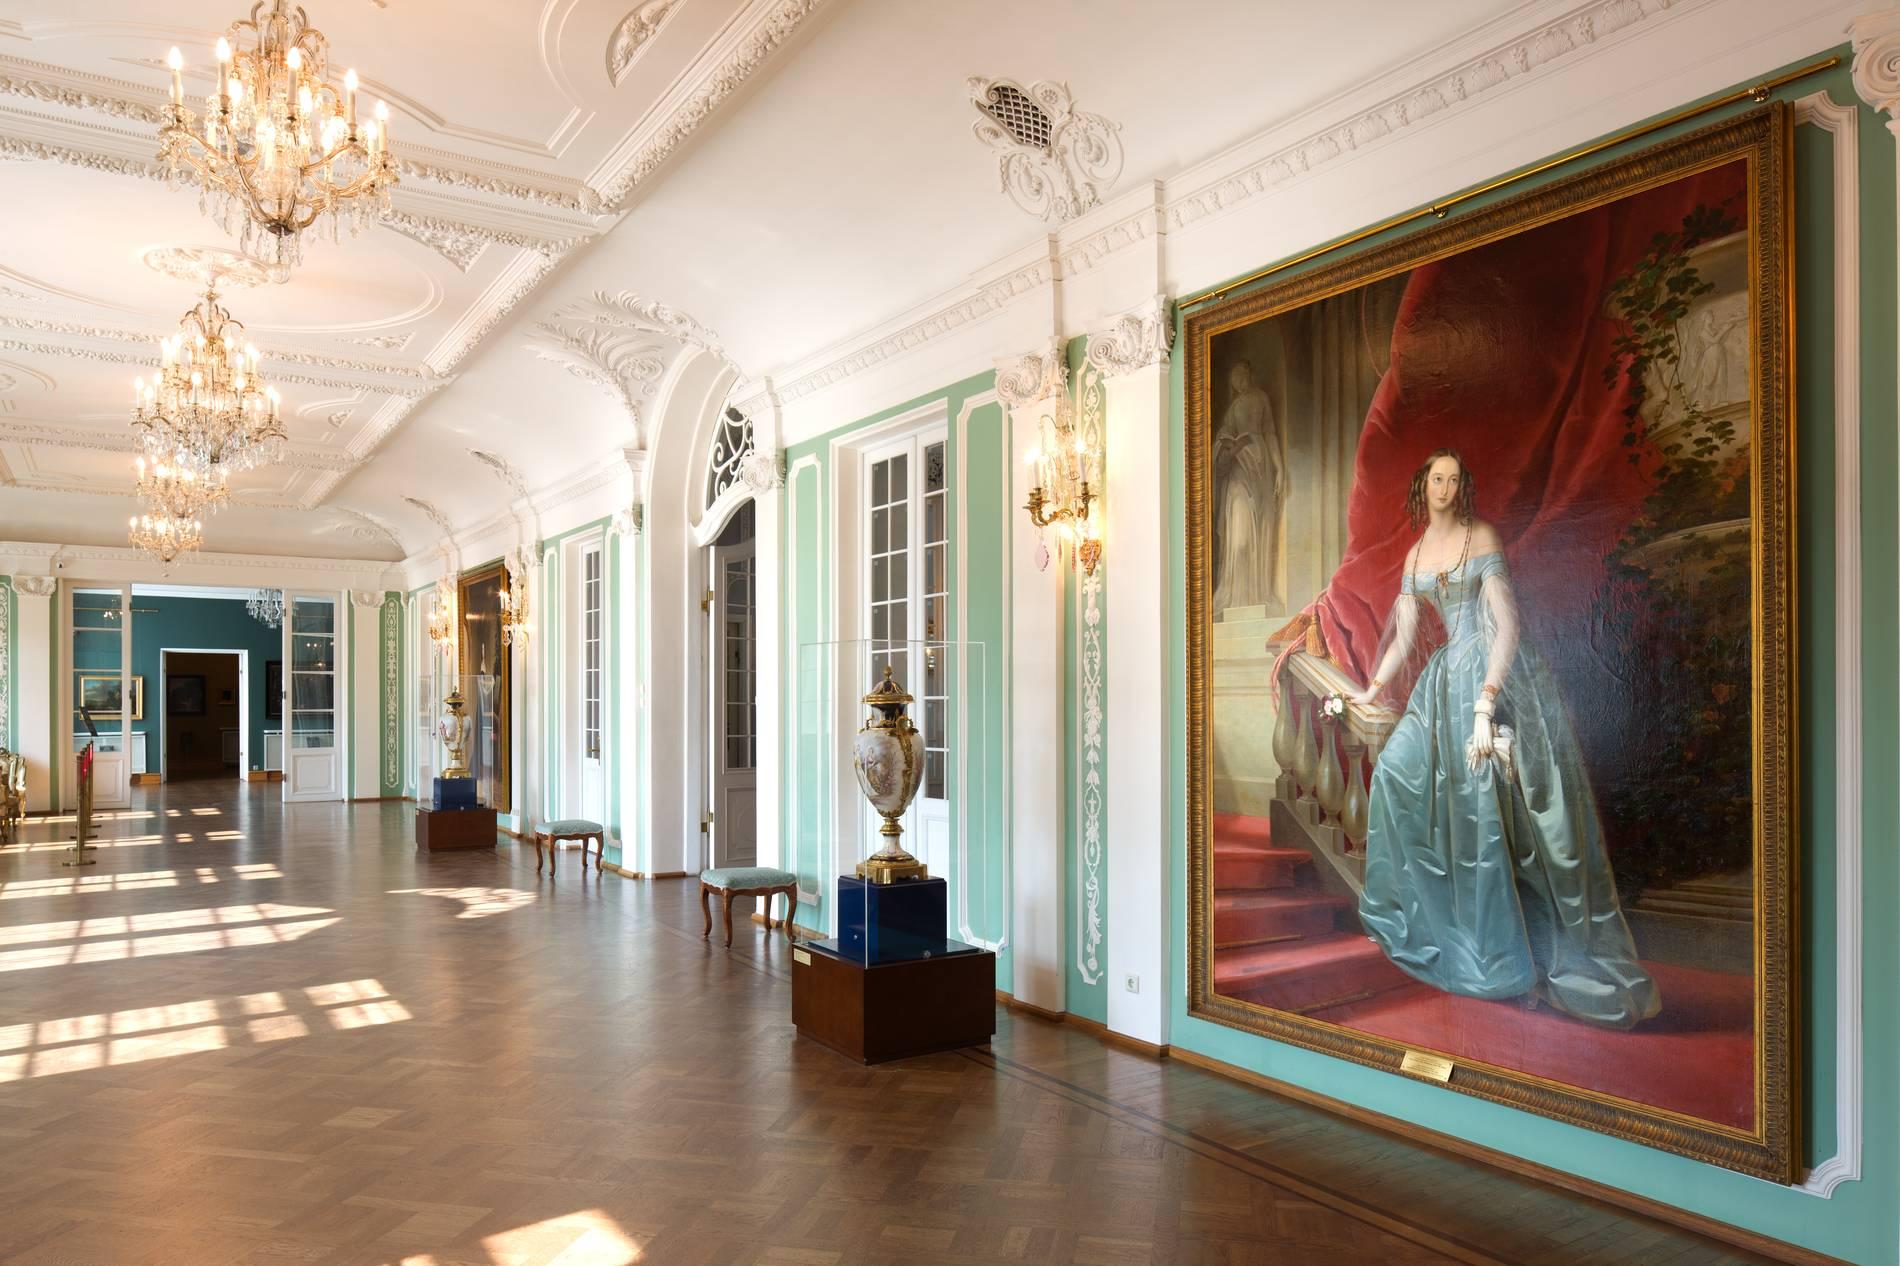 Kadriorgin palatsi - Kadriorgin taidemuseo Tallinnassa Virossa